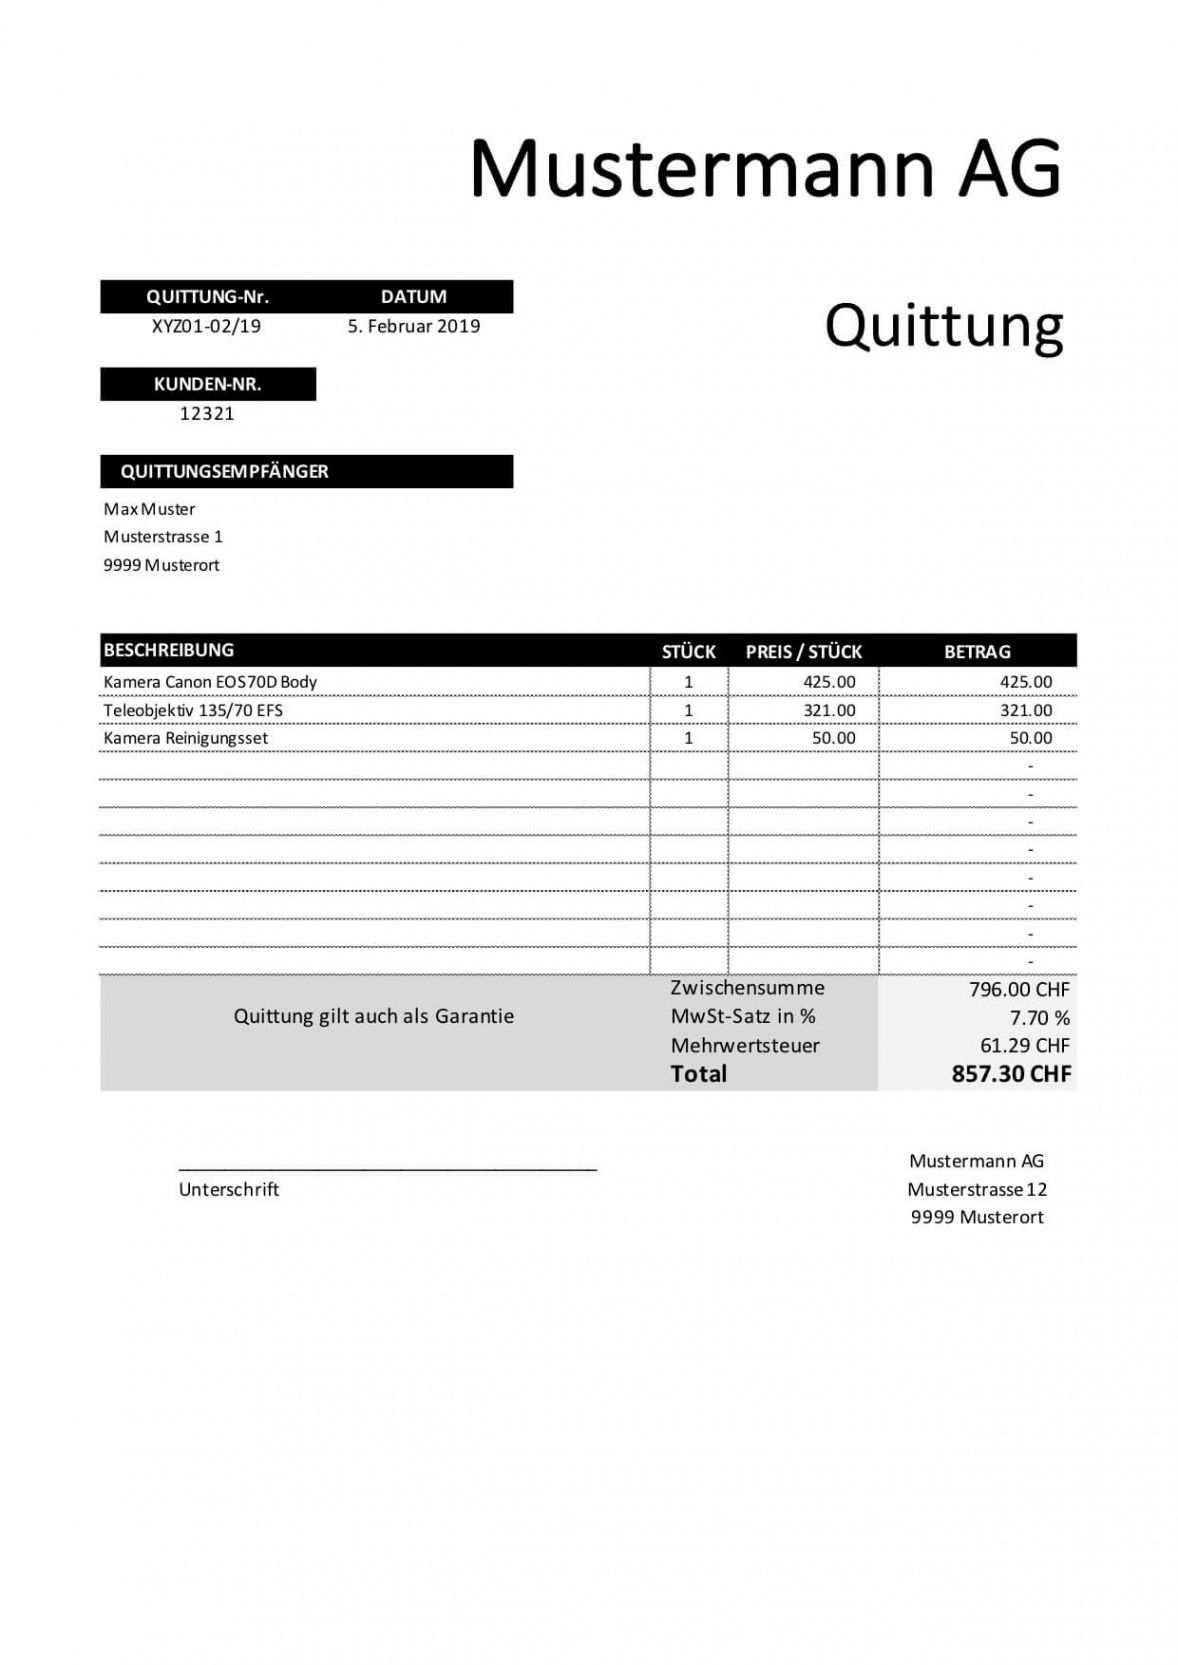 Blattern Unsere Druckbar Von Rechnung Quittung Vorlage In 2020 Rechnung Vorlage Quittung Rechnungsvorlage